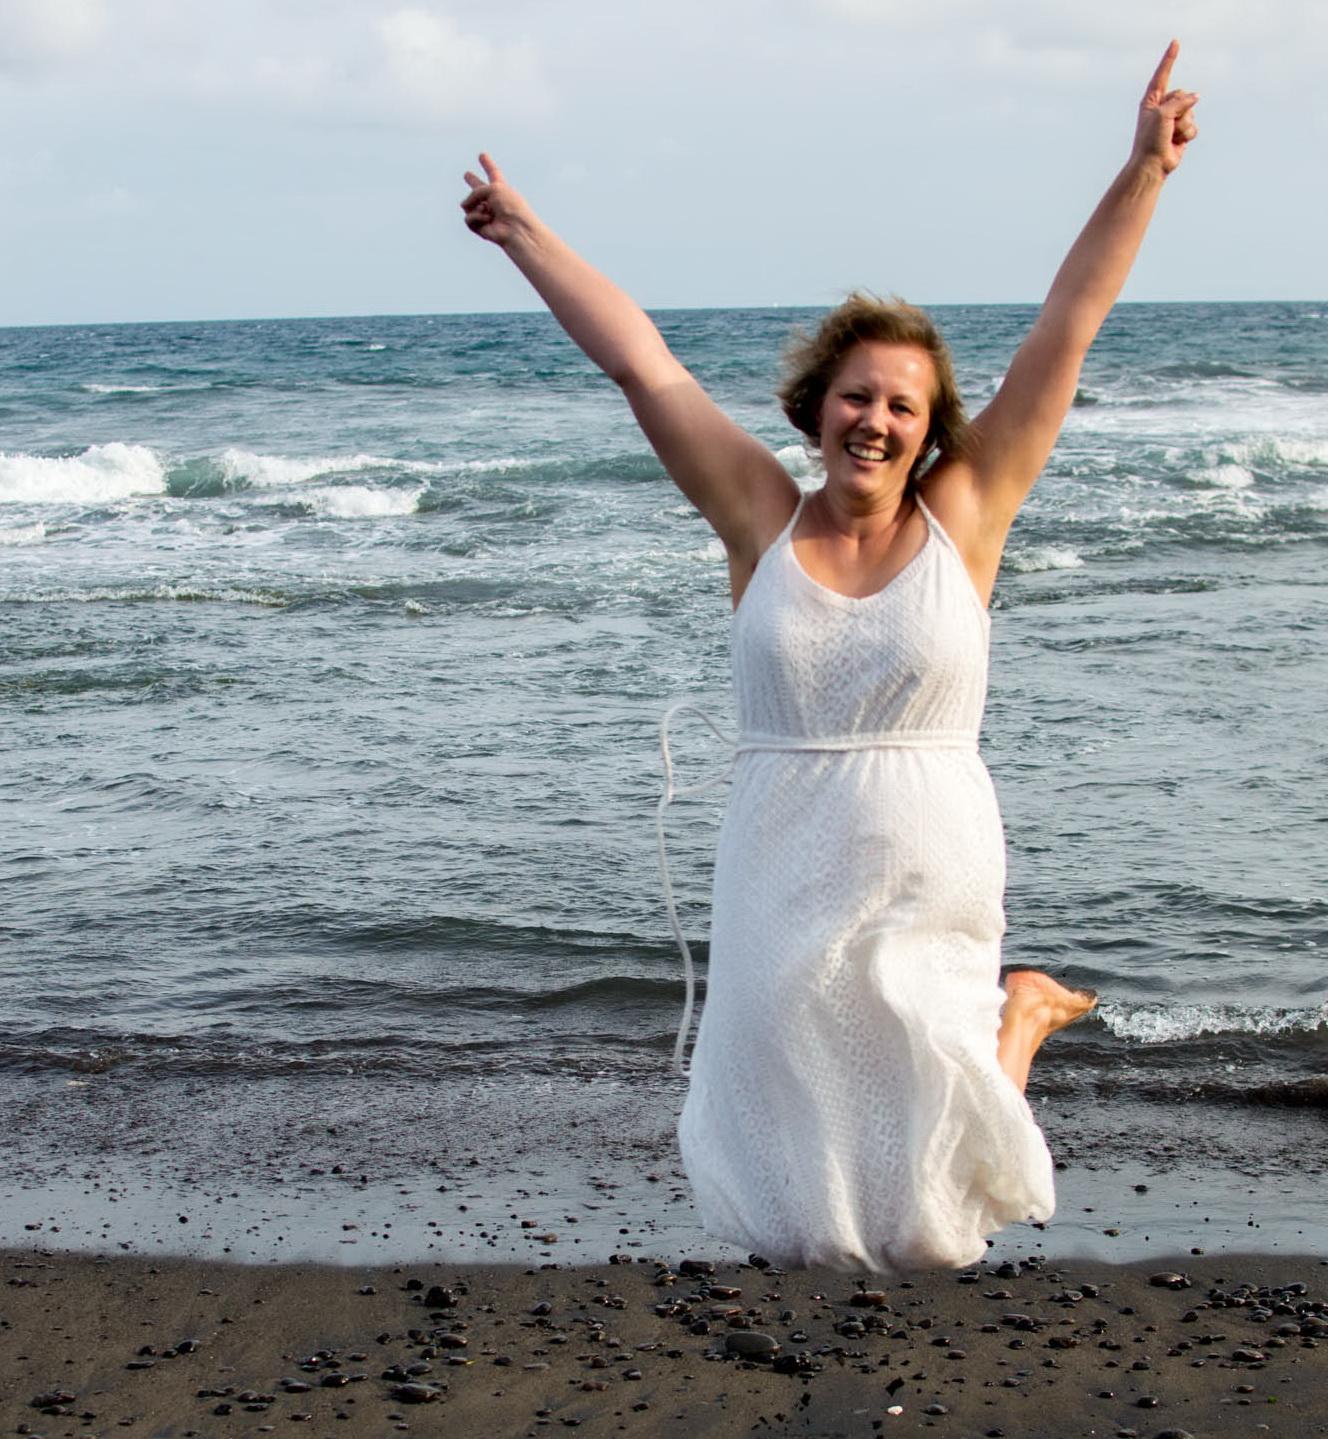 Christine Raab springt energievoll in die Luft am Meer in Bali